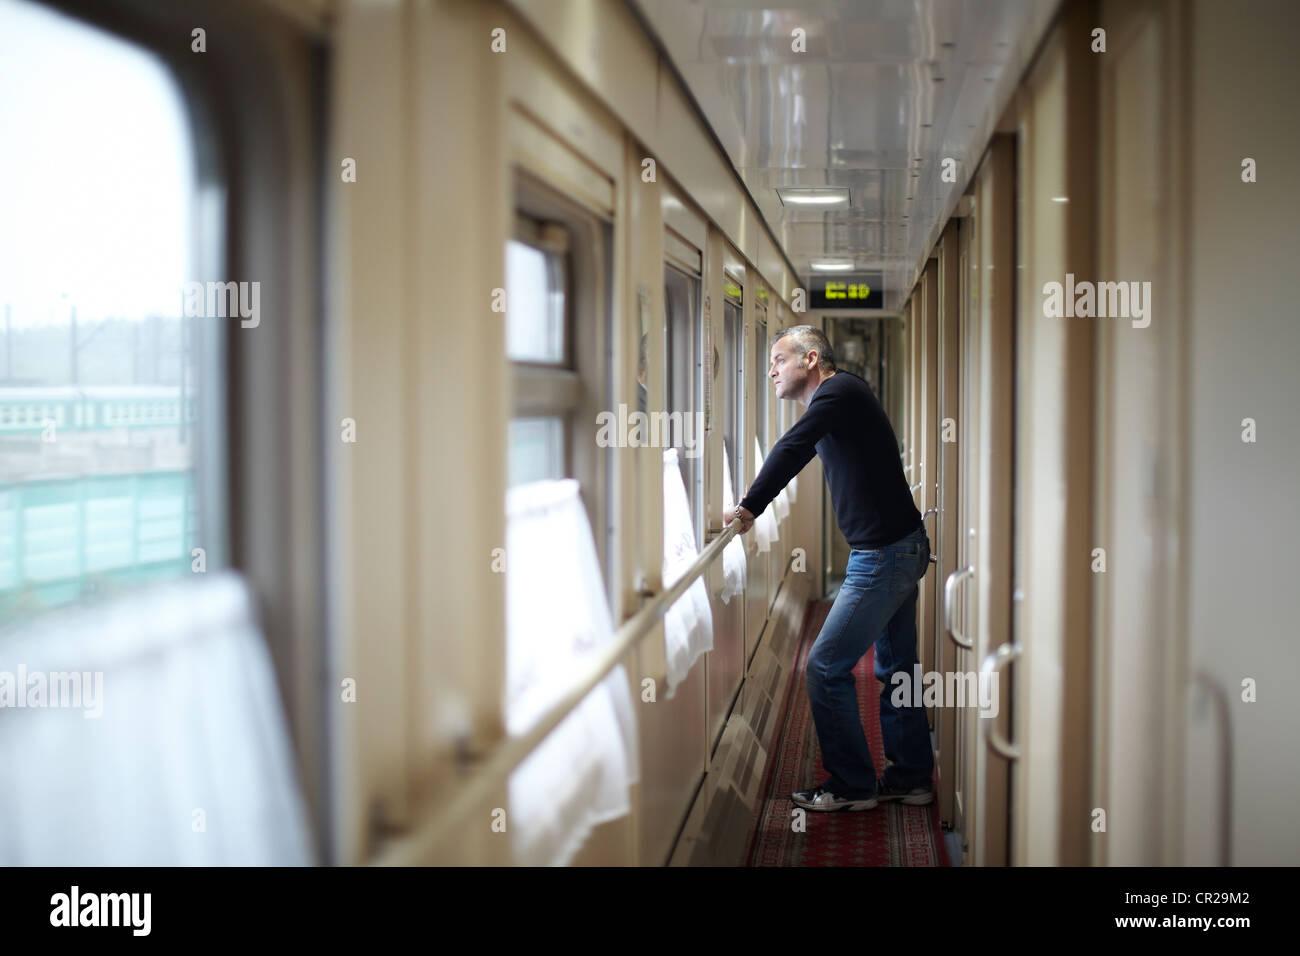 Hombre adulto mirando hacia afuera de la ventana en el tren Imagen De Stock